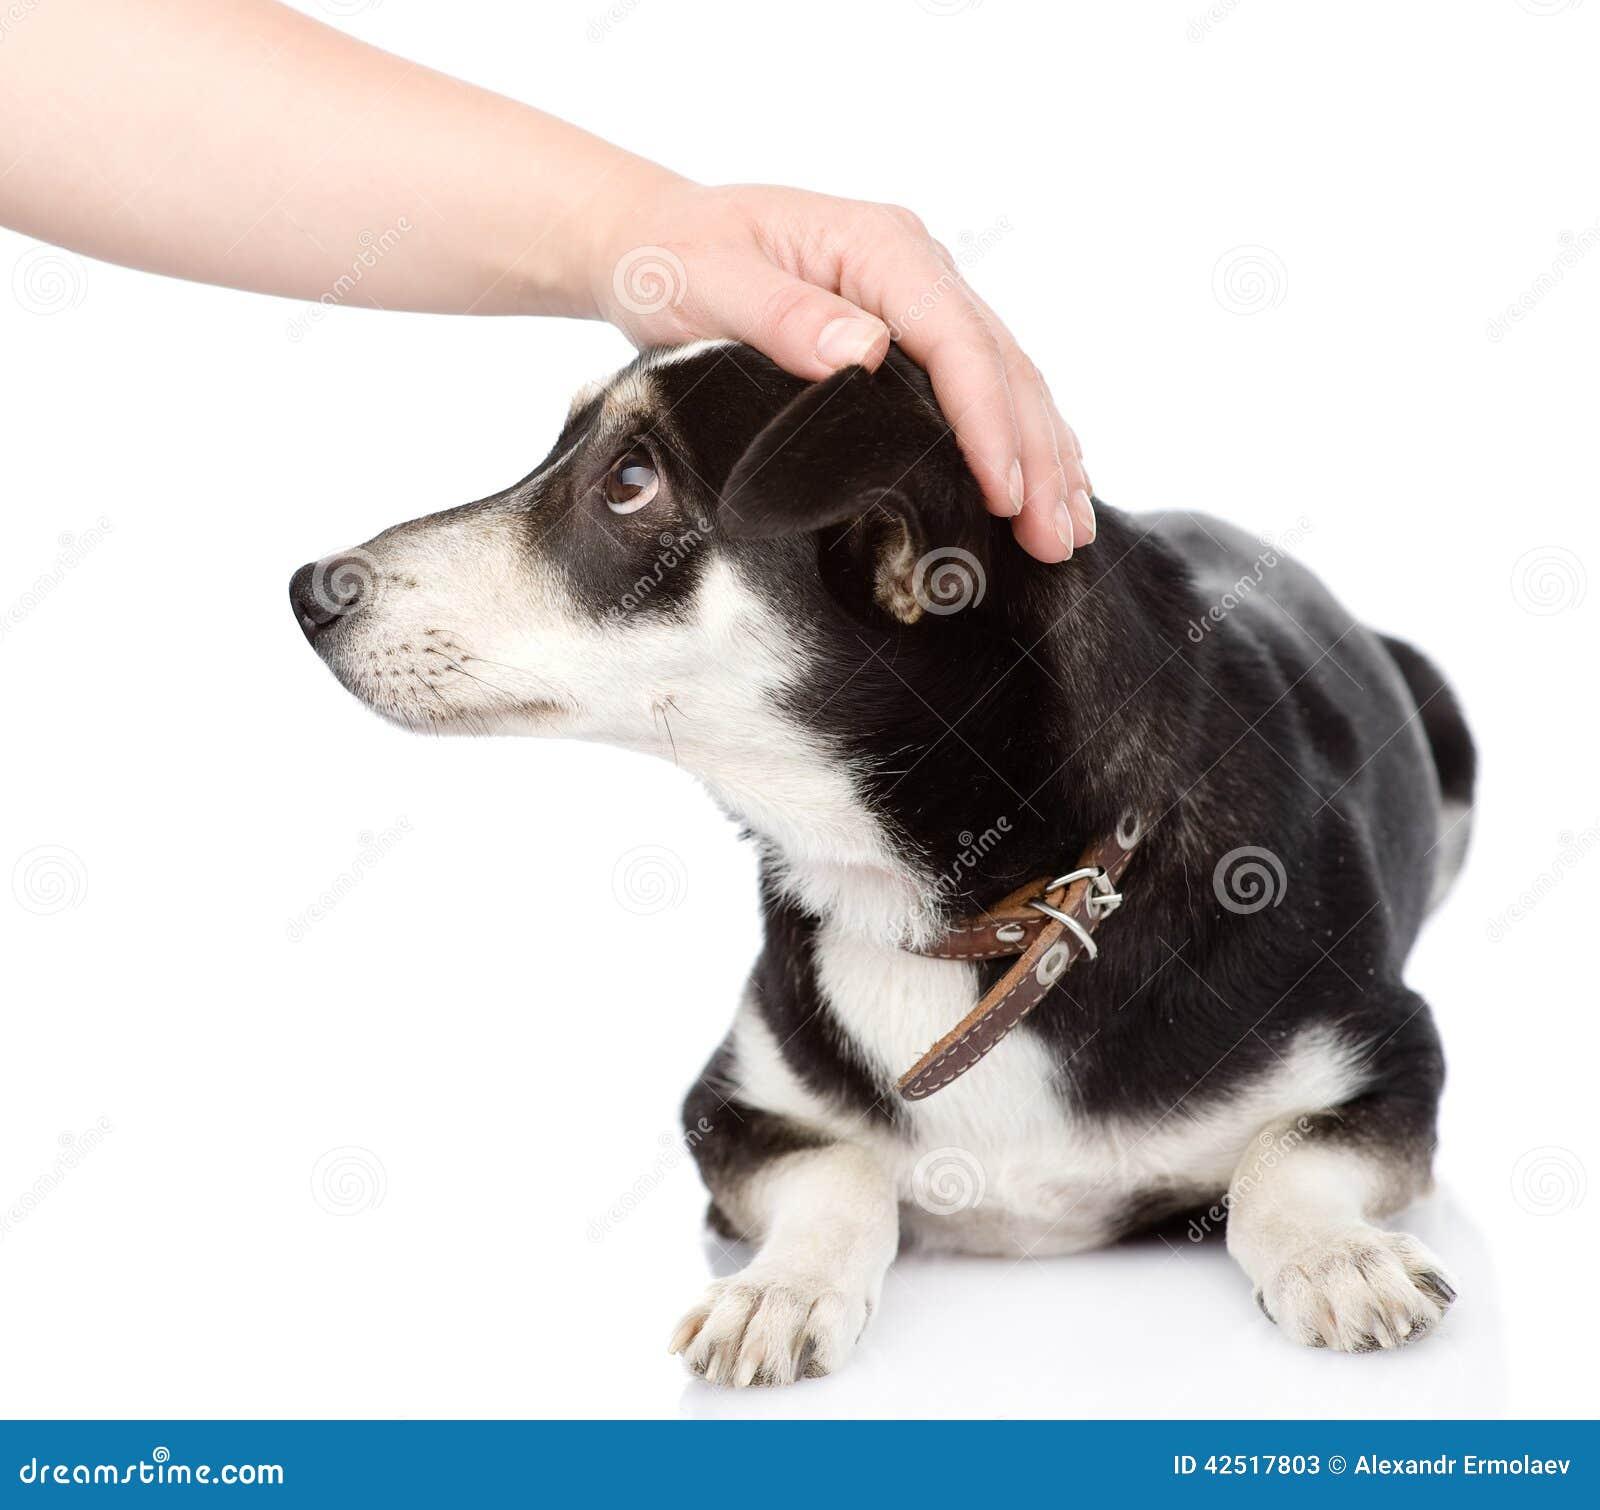 Female Hand Patting Dog Head. On White Background Stock Photo - Image: 42517803